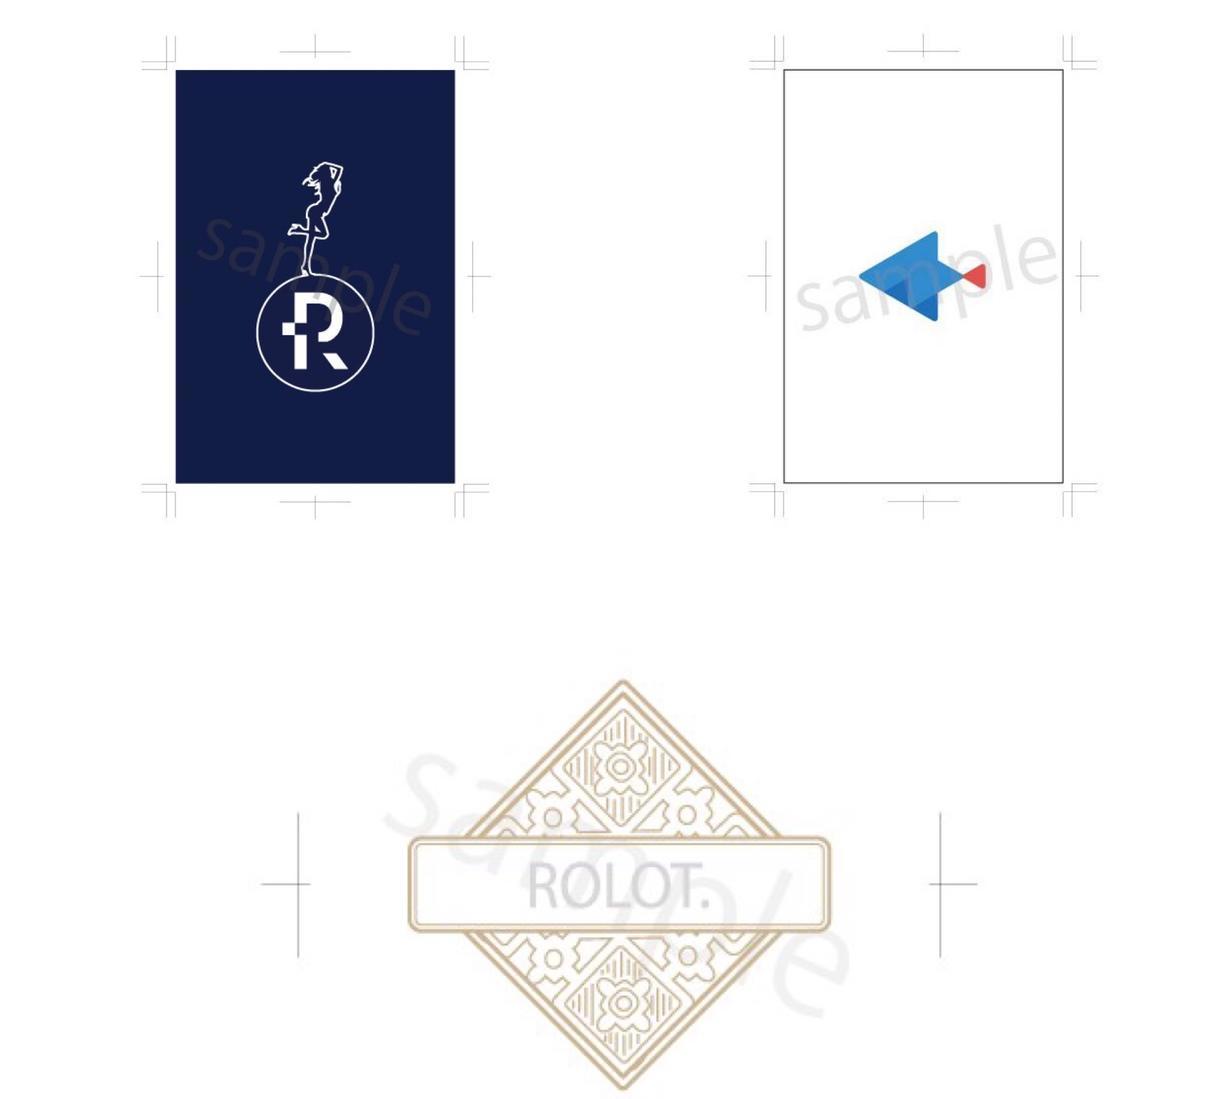 ロゴ作ります イメージされてるデザインに極限まで近づけます